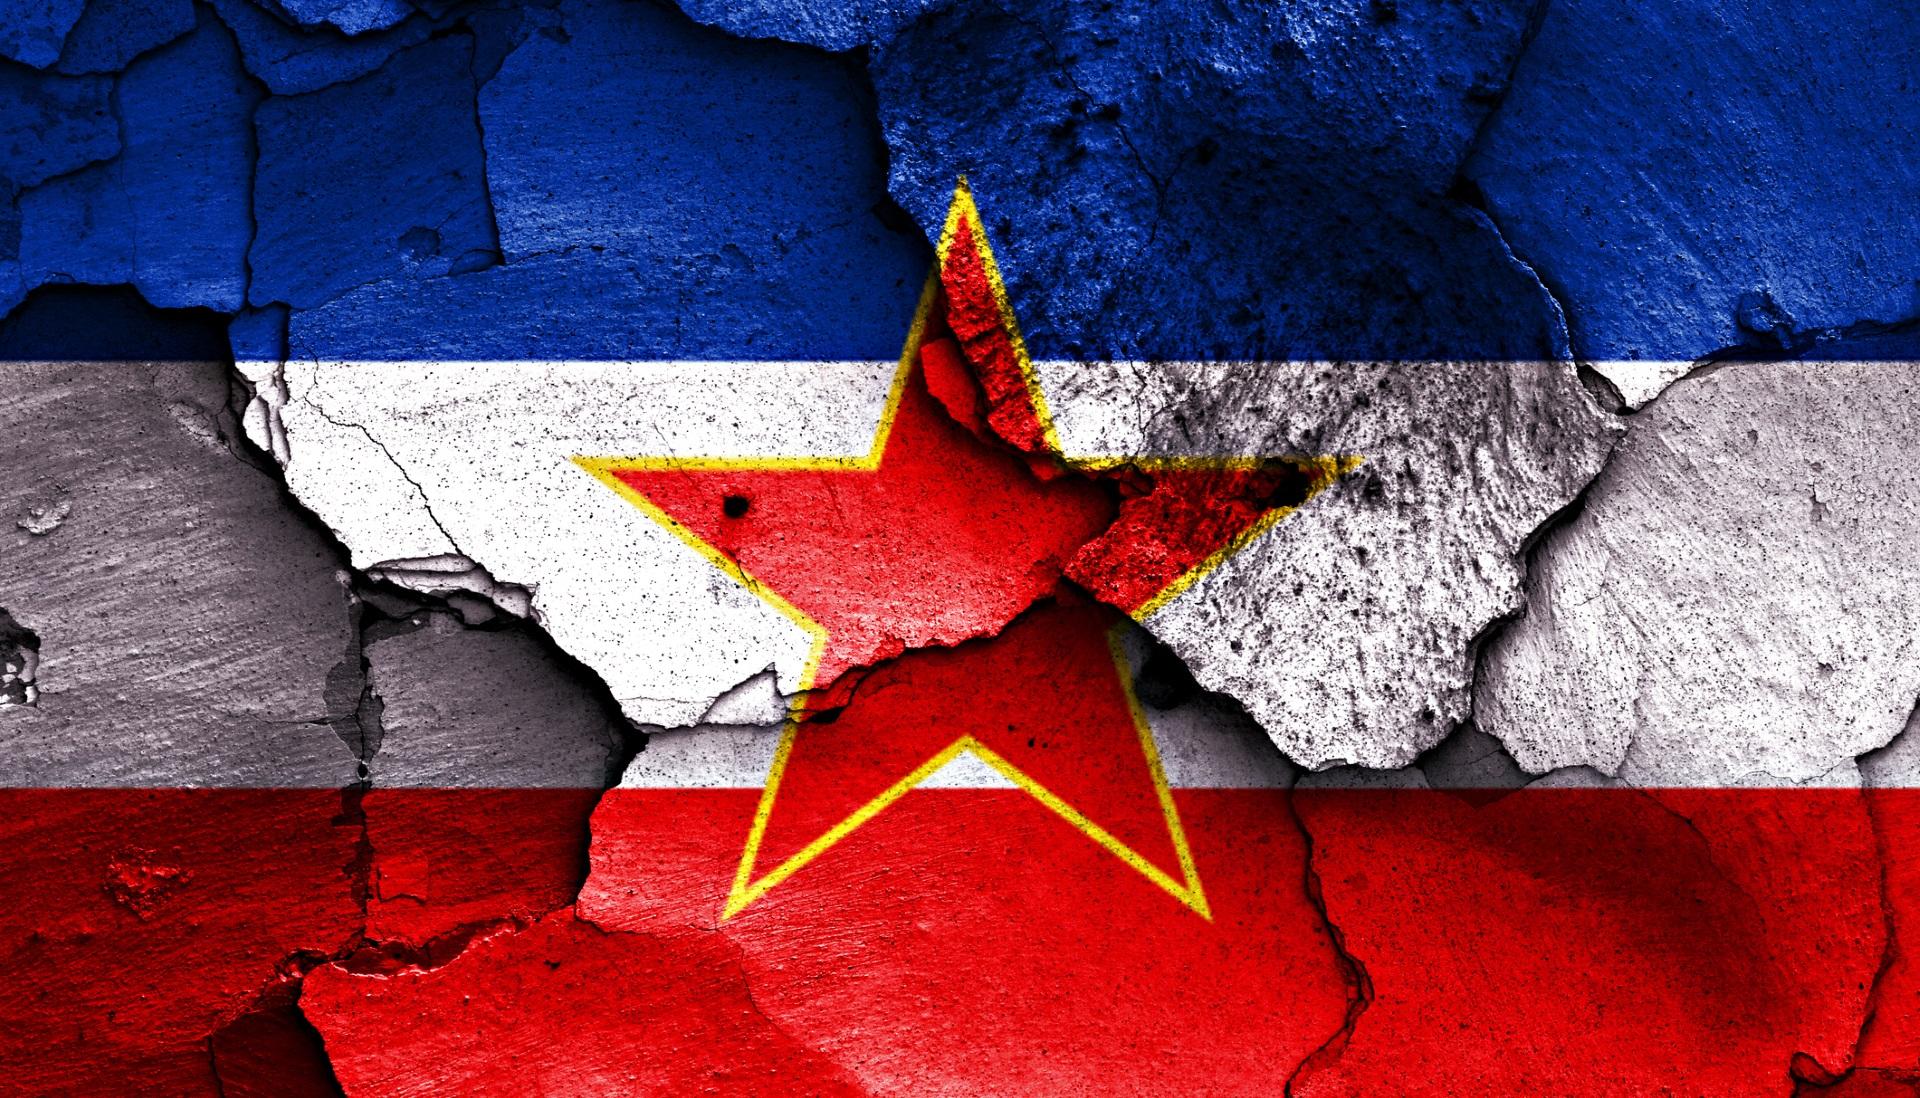 <p>След смъртта му през 1980 г. Югославия се поддаде на етническо напрежение и жестока гражданска война. В средата на 90-те години на миналия век Югославия се разделя на седем различни държави: Босна и Херцеговина, Хърватия, Македония, Косово, Черна гора, Сърбия и Словения.</p>